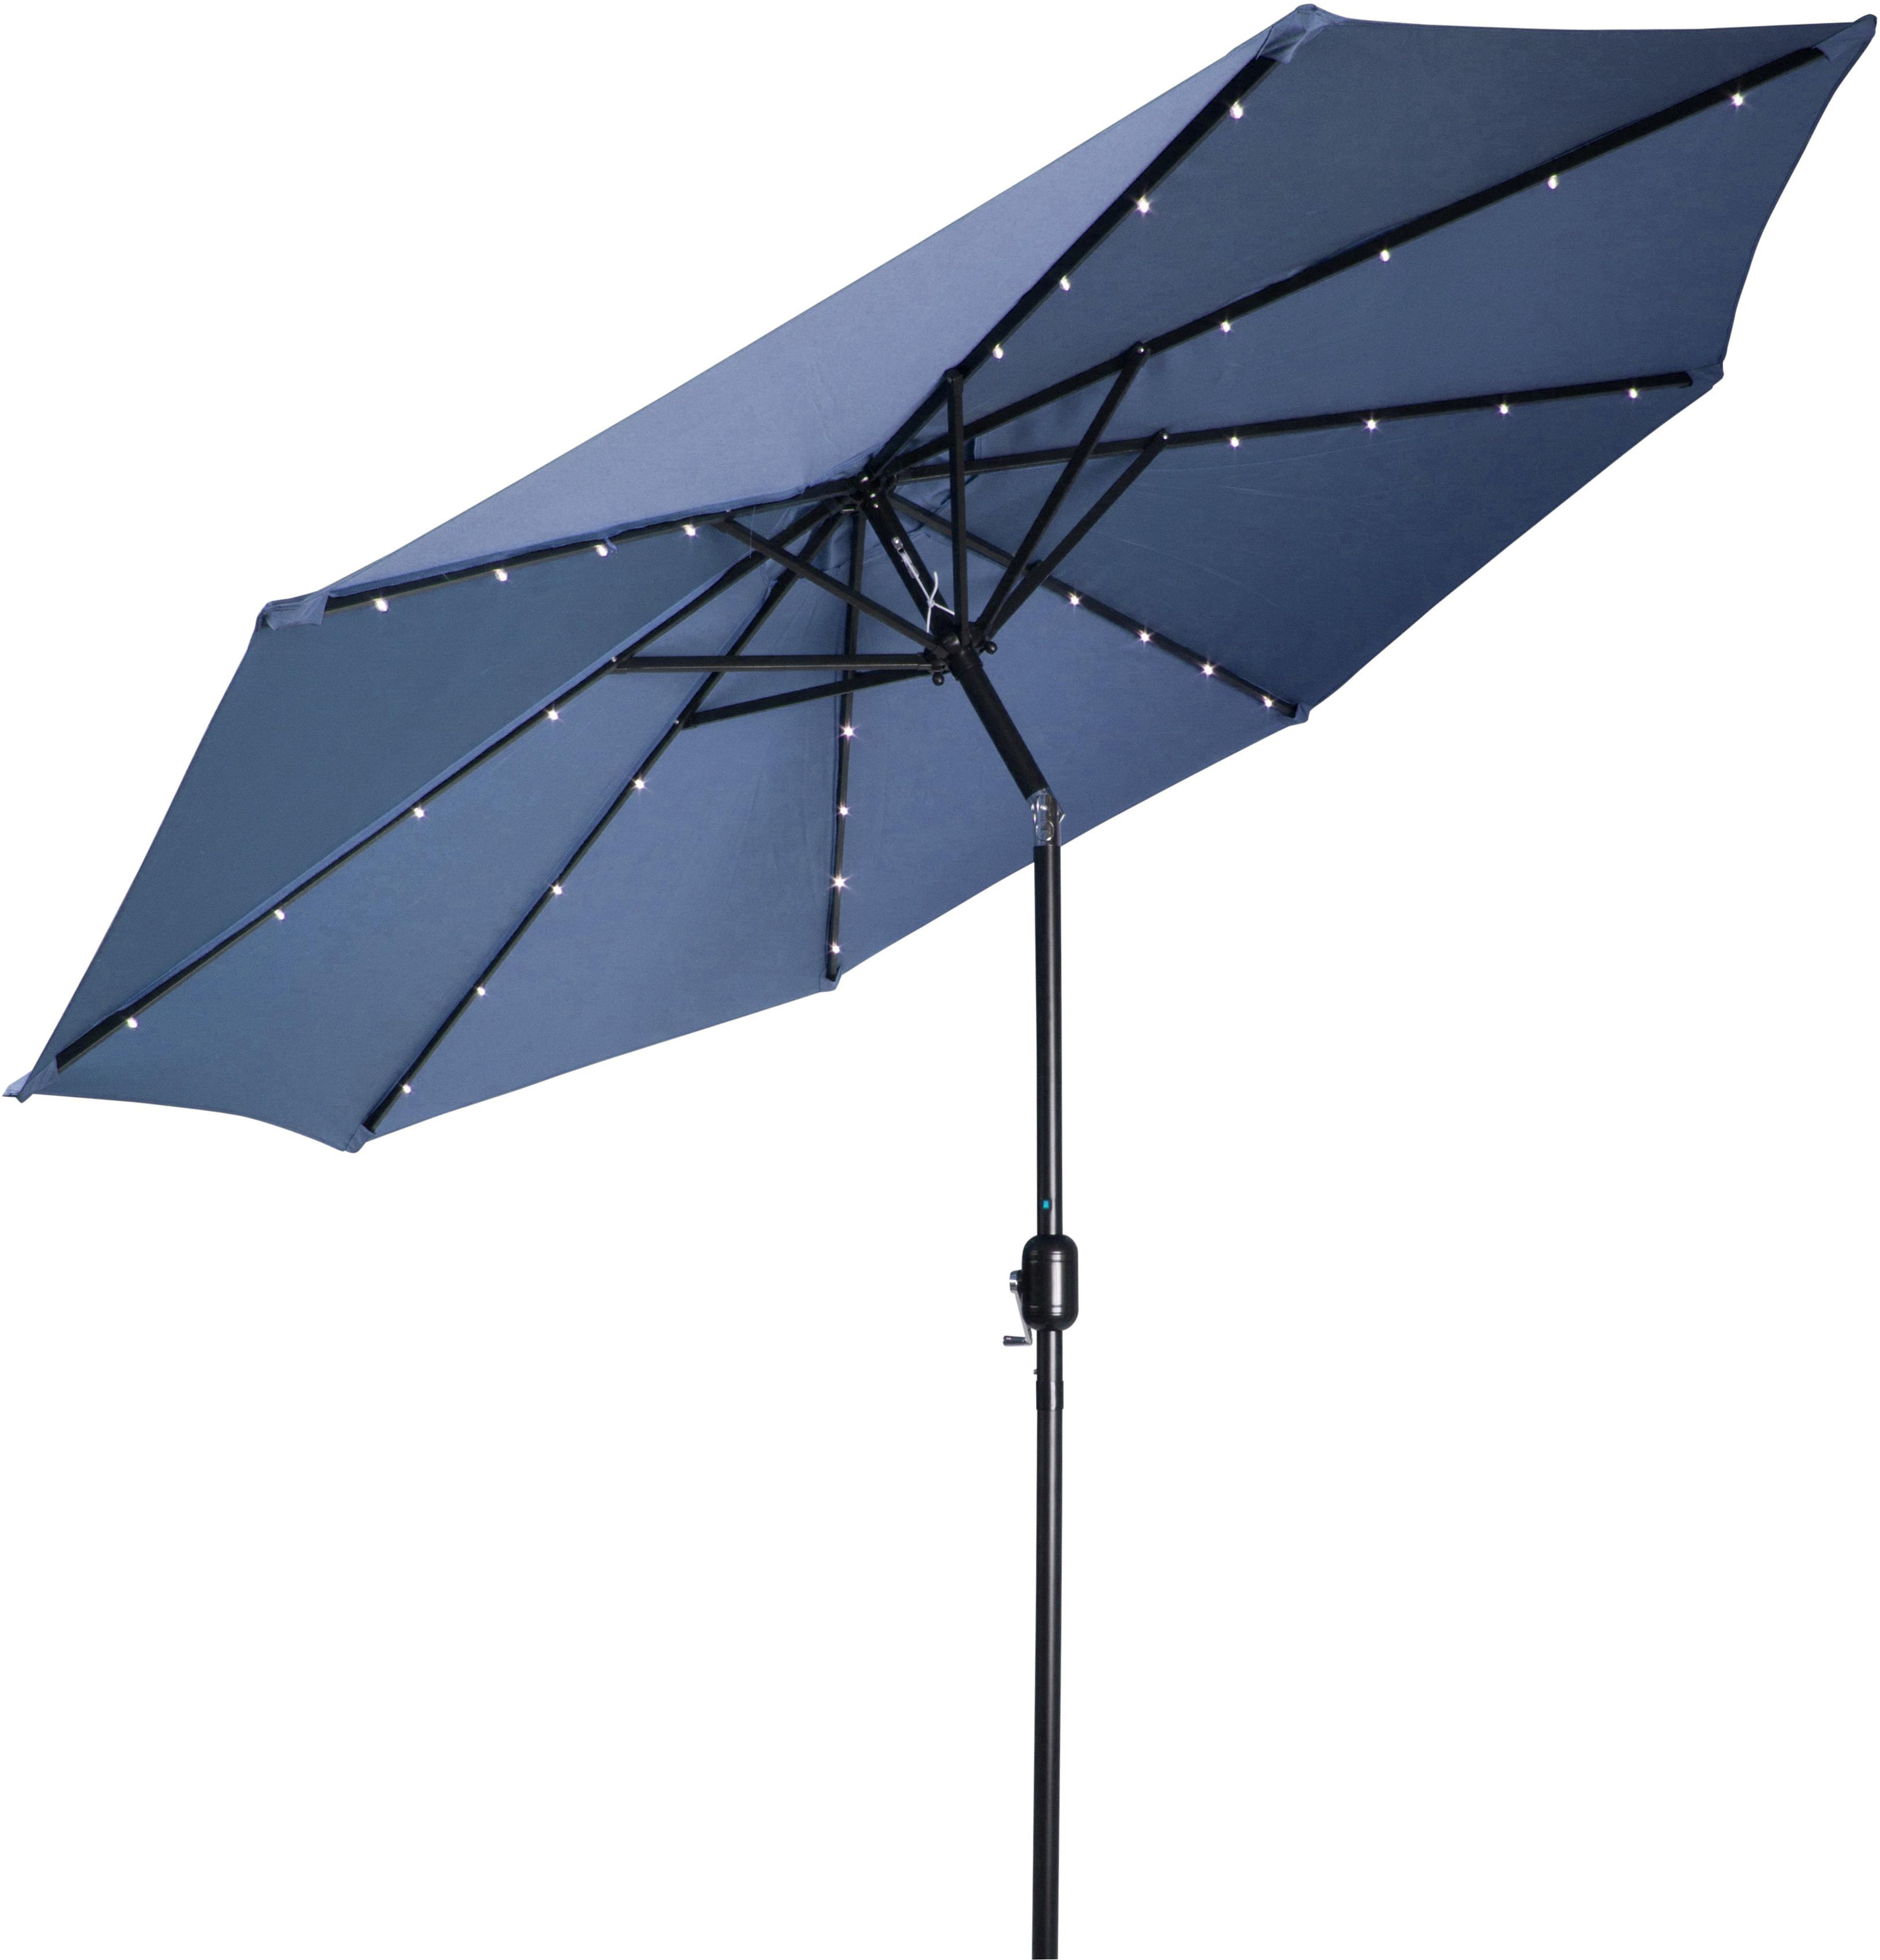 Popular Breeden 10' Lighted Umbrella Regarding Branam Lighted Umbrellas (View 4 of 20)